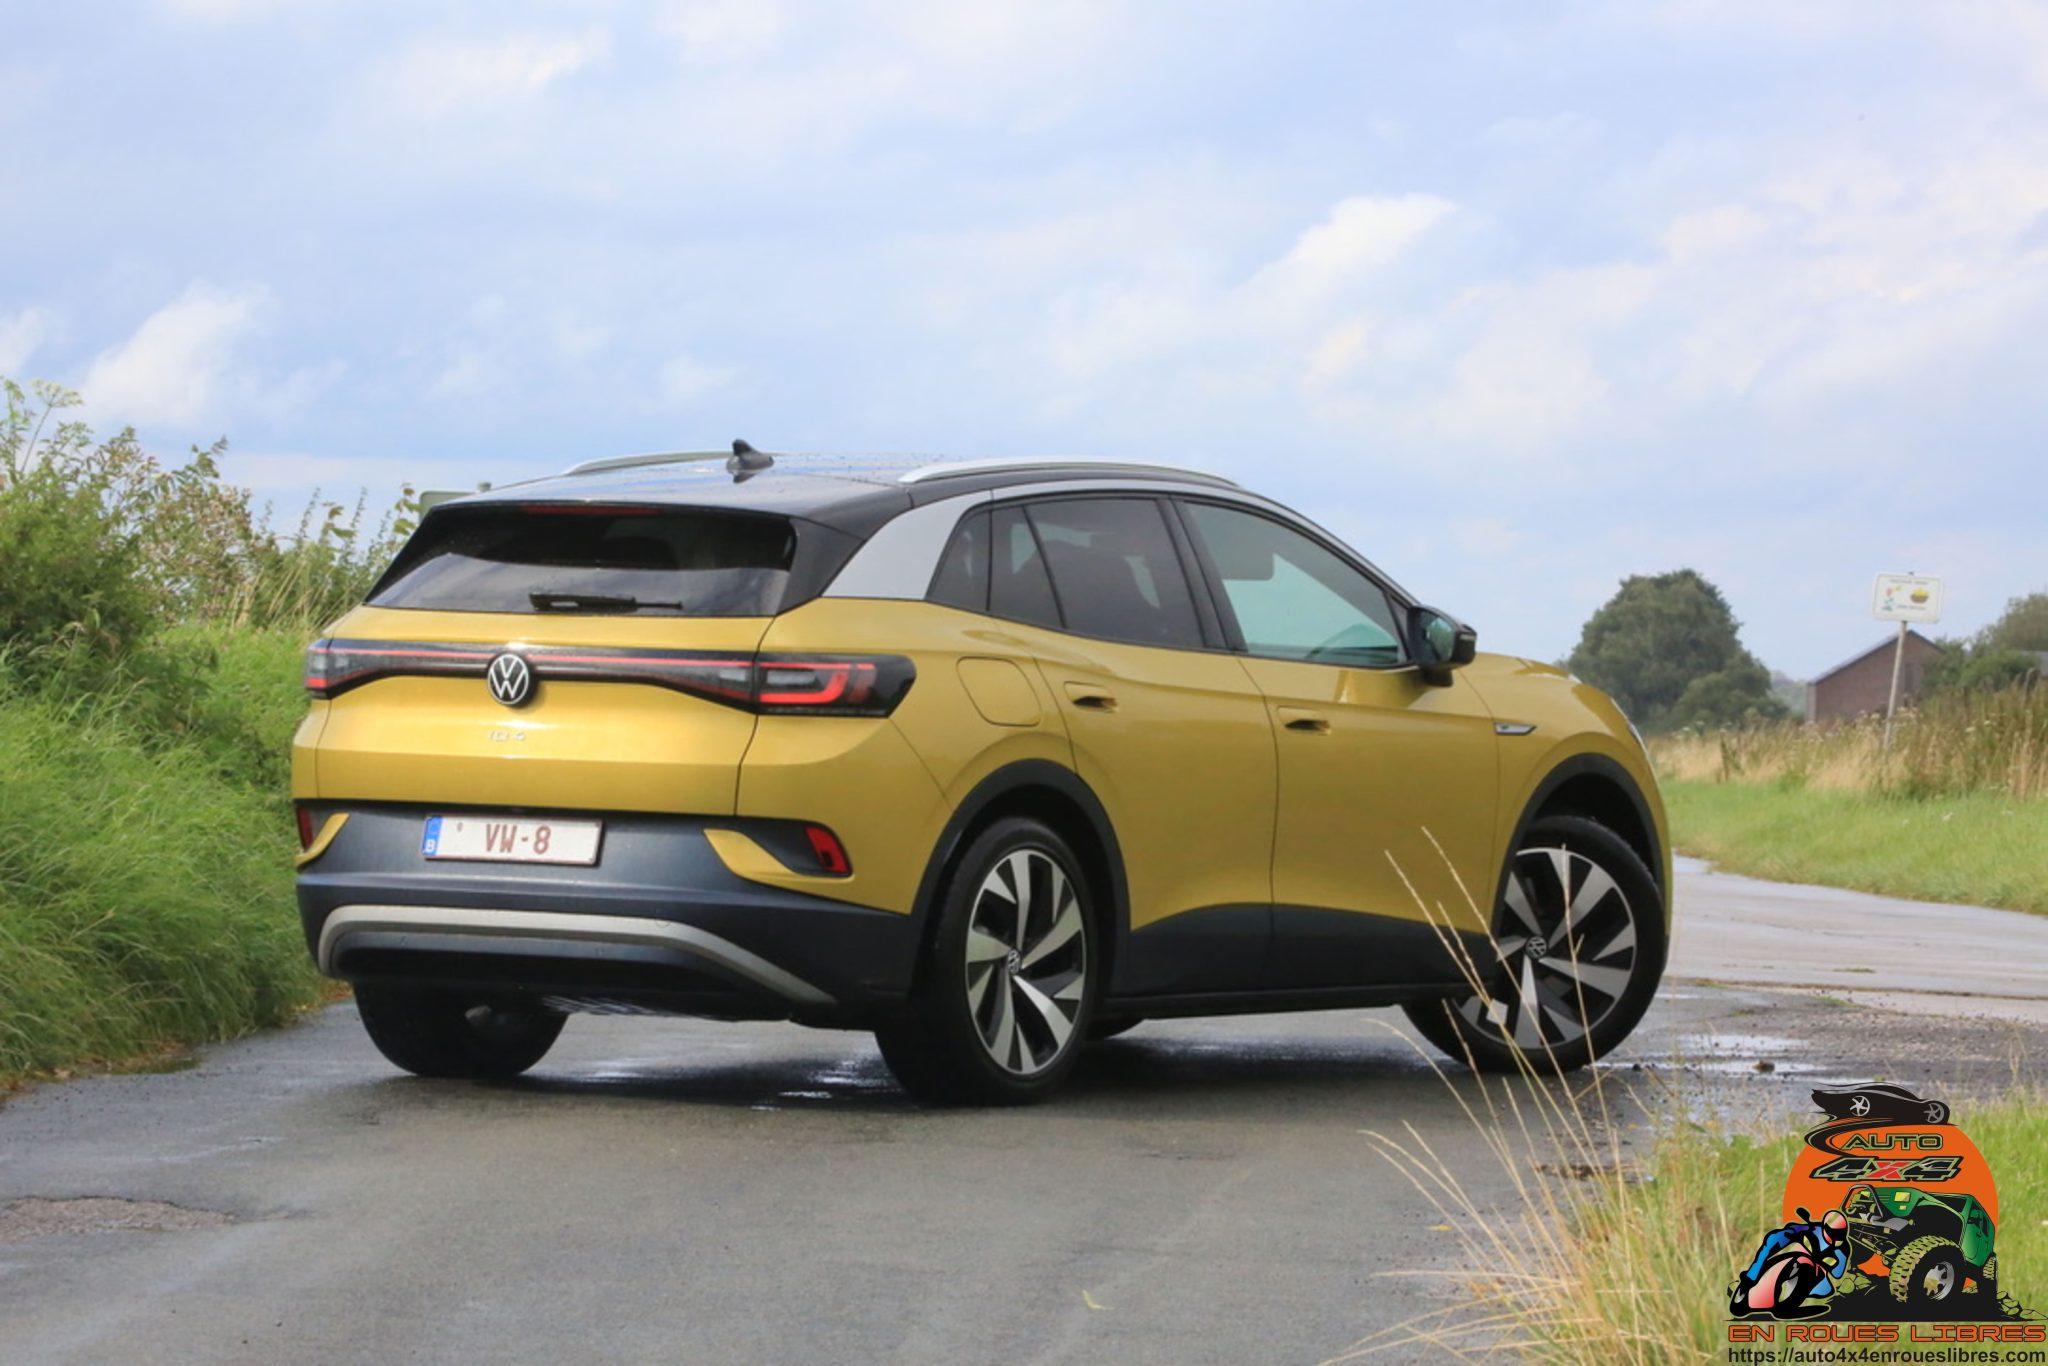 ESSAI VOLKSWAGEN ID4 : une VW familiale 100% électrique